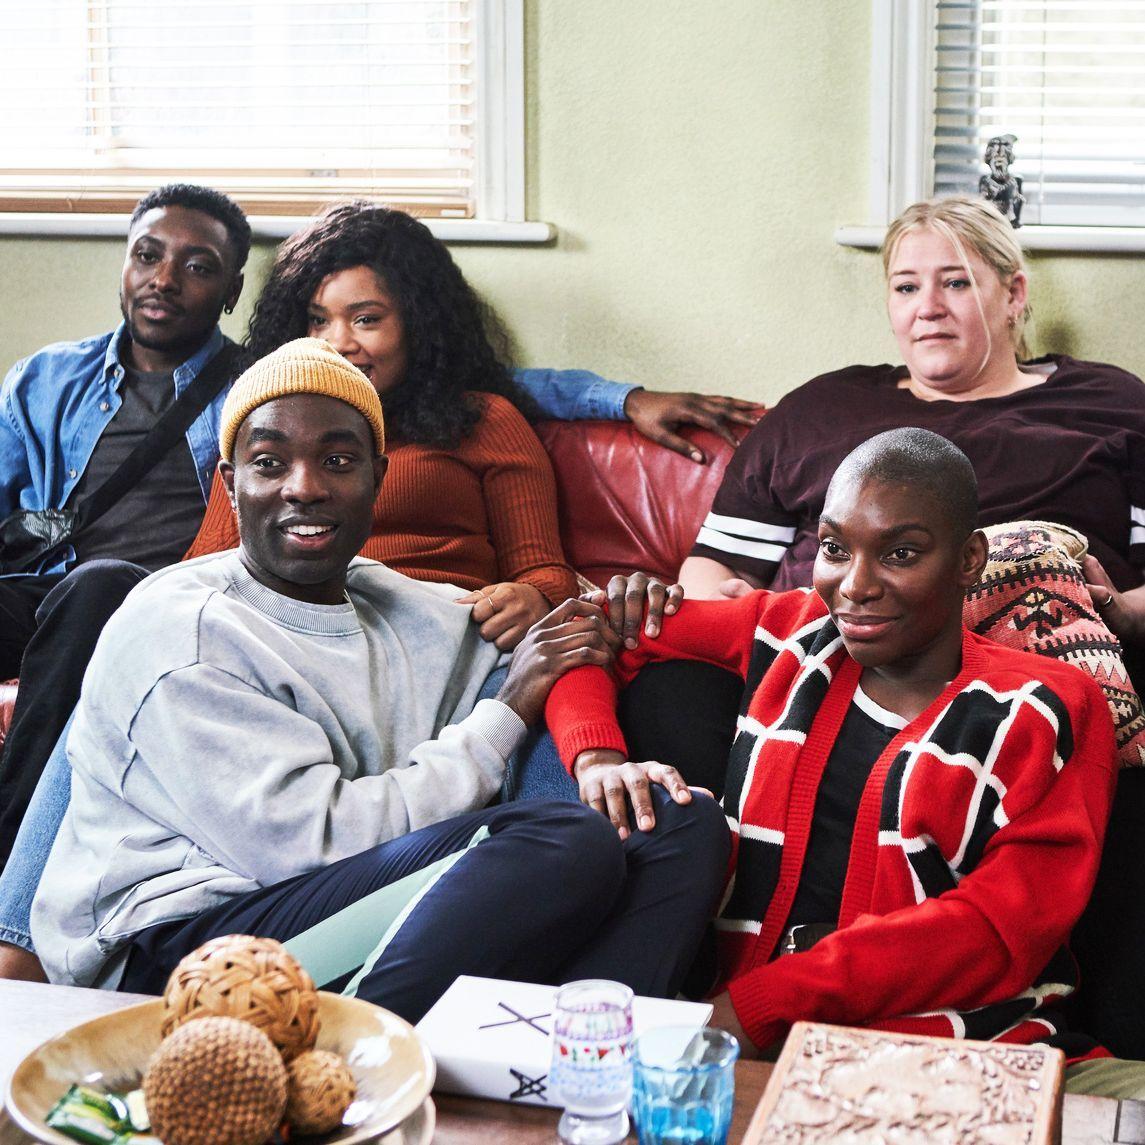 Arabella, Terry, Kwame e Theodora e um amigo sentados no sofá assinto televisão